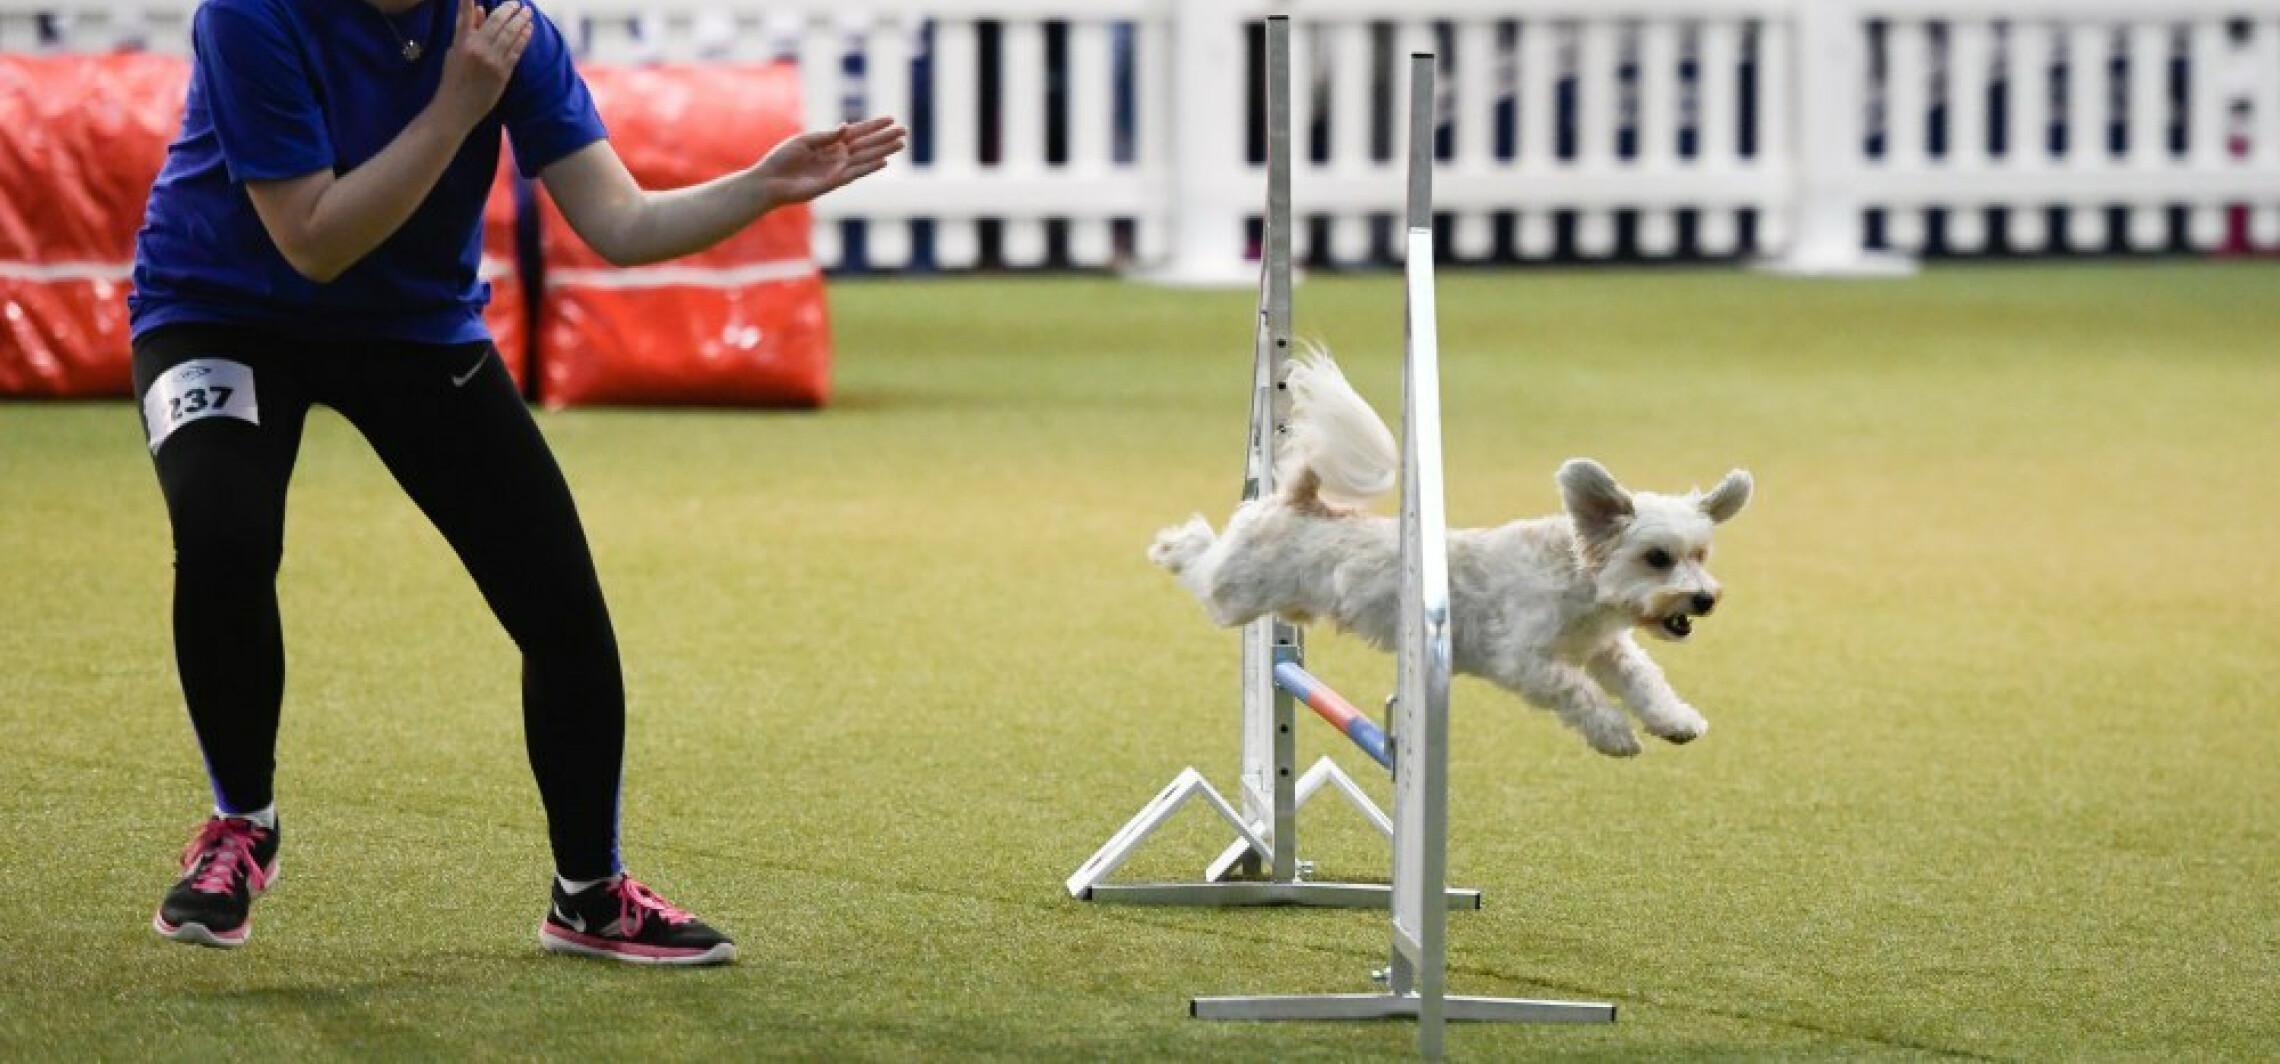 Utalentowane psy prawie natychmiast uczą się rozpoznawania nowych słów